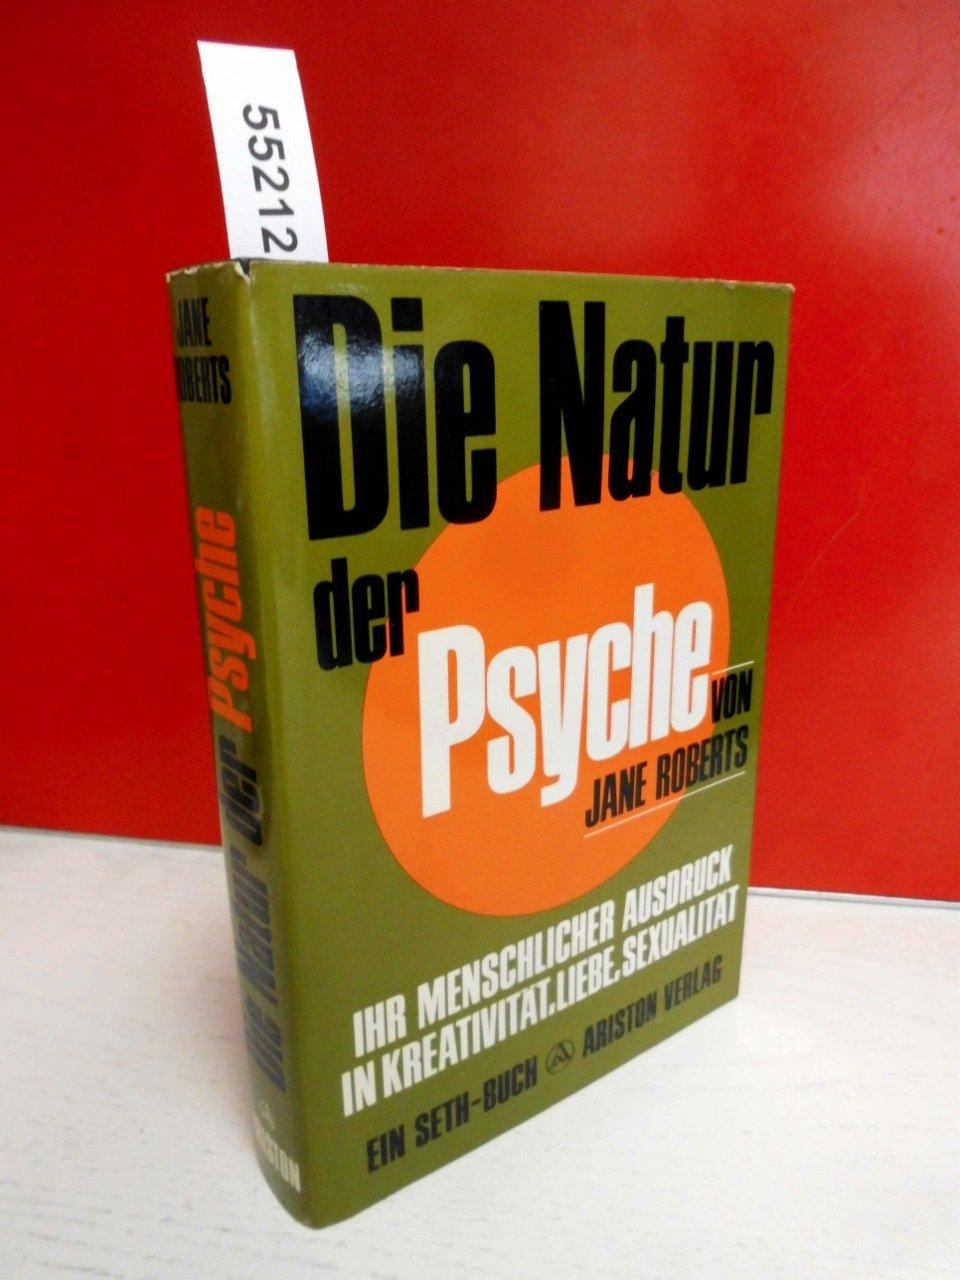 Die Natur der Psyche. Ihr menschlicher Ausdruck in Kreativität, Liebe, Sexualität. Ein Seth-Buch